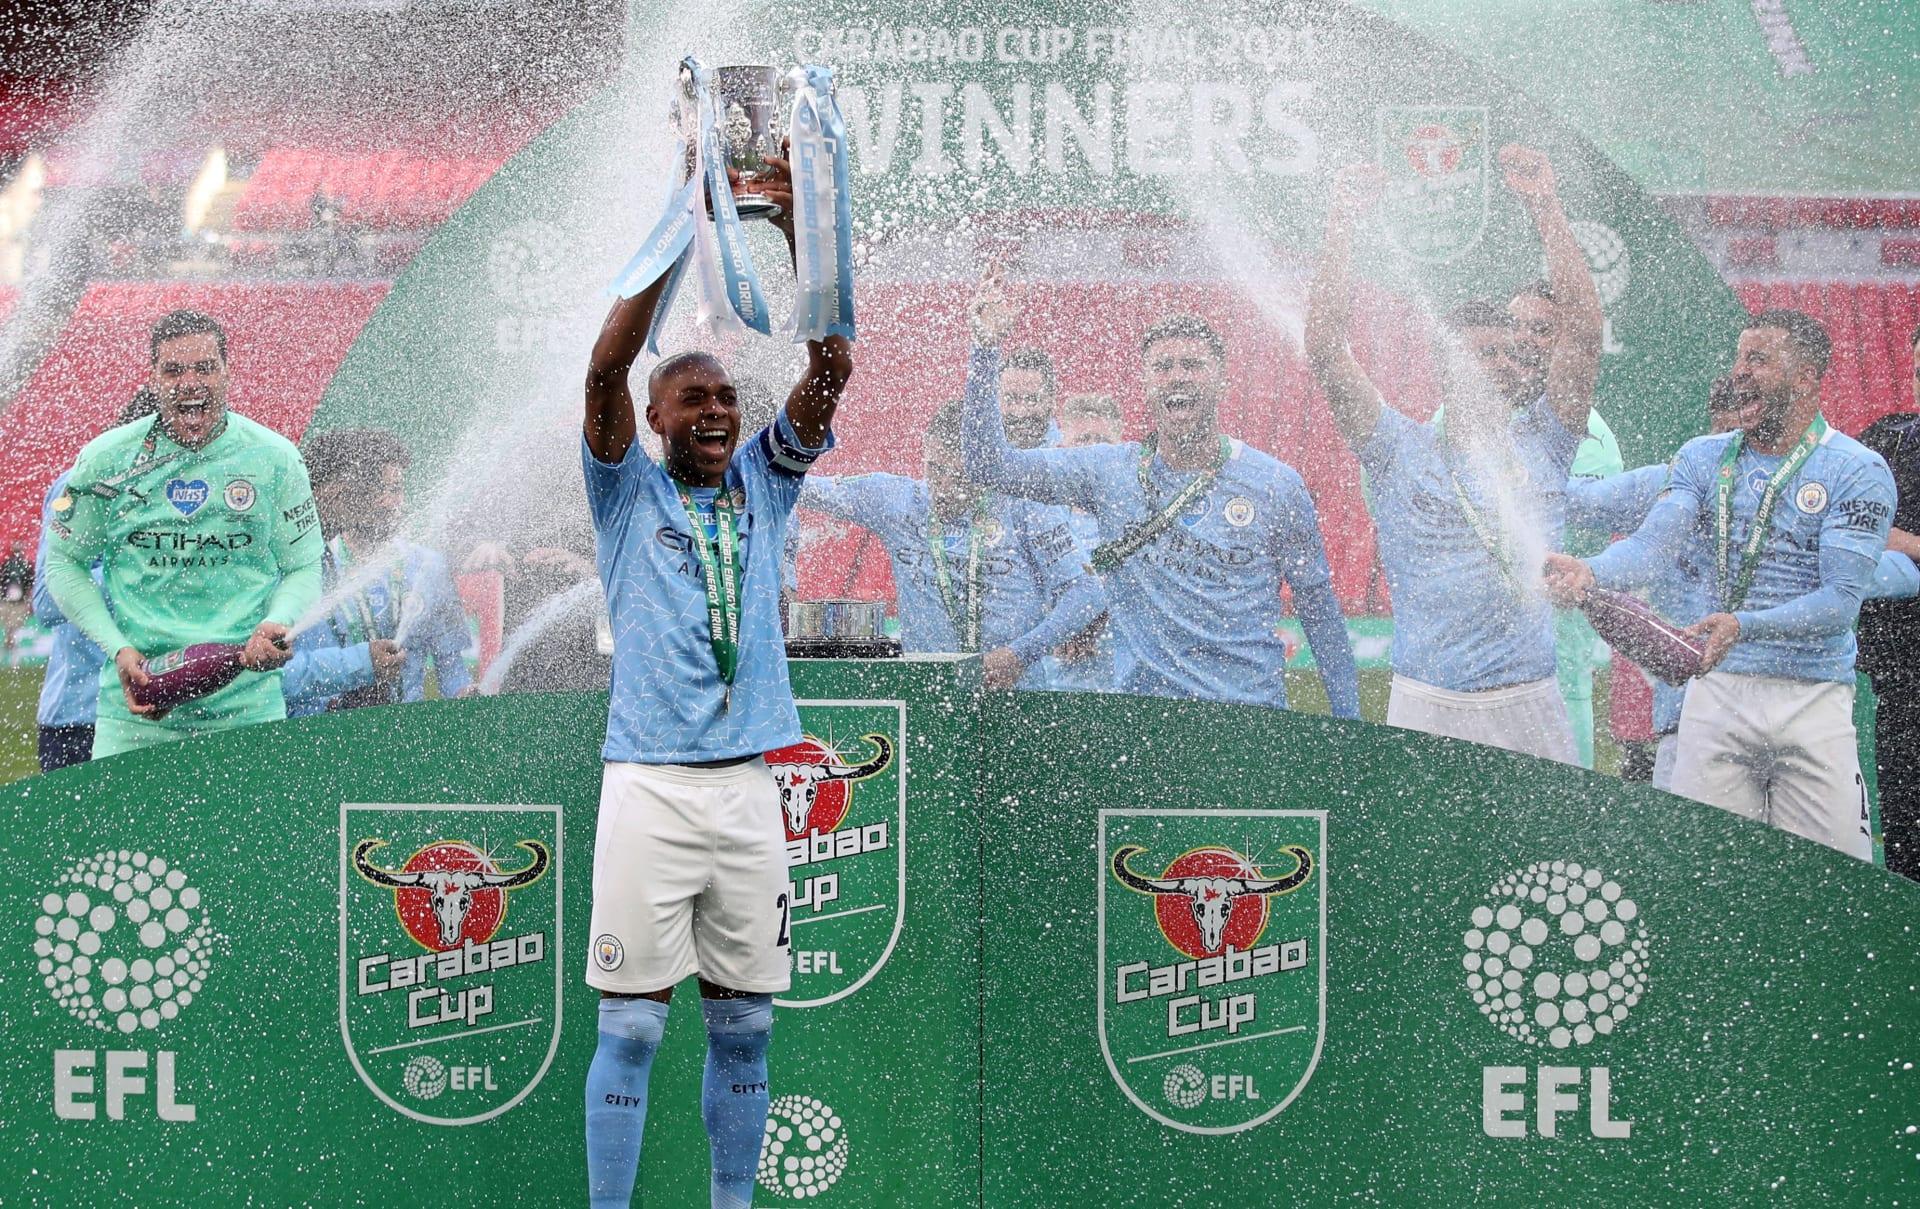 مانشستر سيتي يفوز بكأس الرابطة الإنجليزية.. ويعادل الرقم القياسي لليفربول